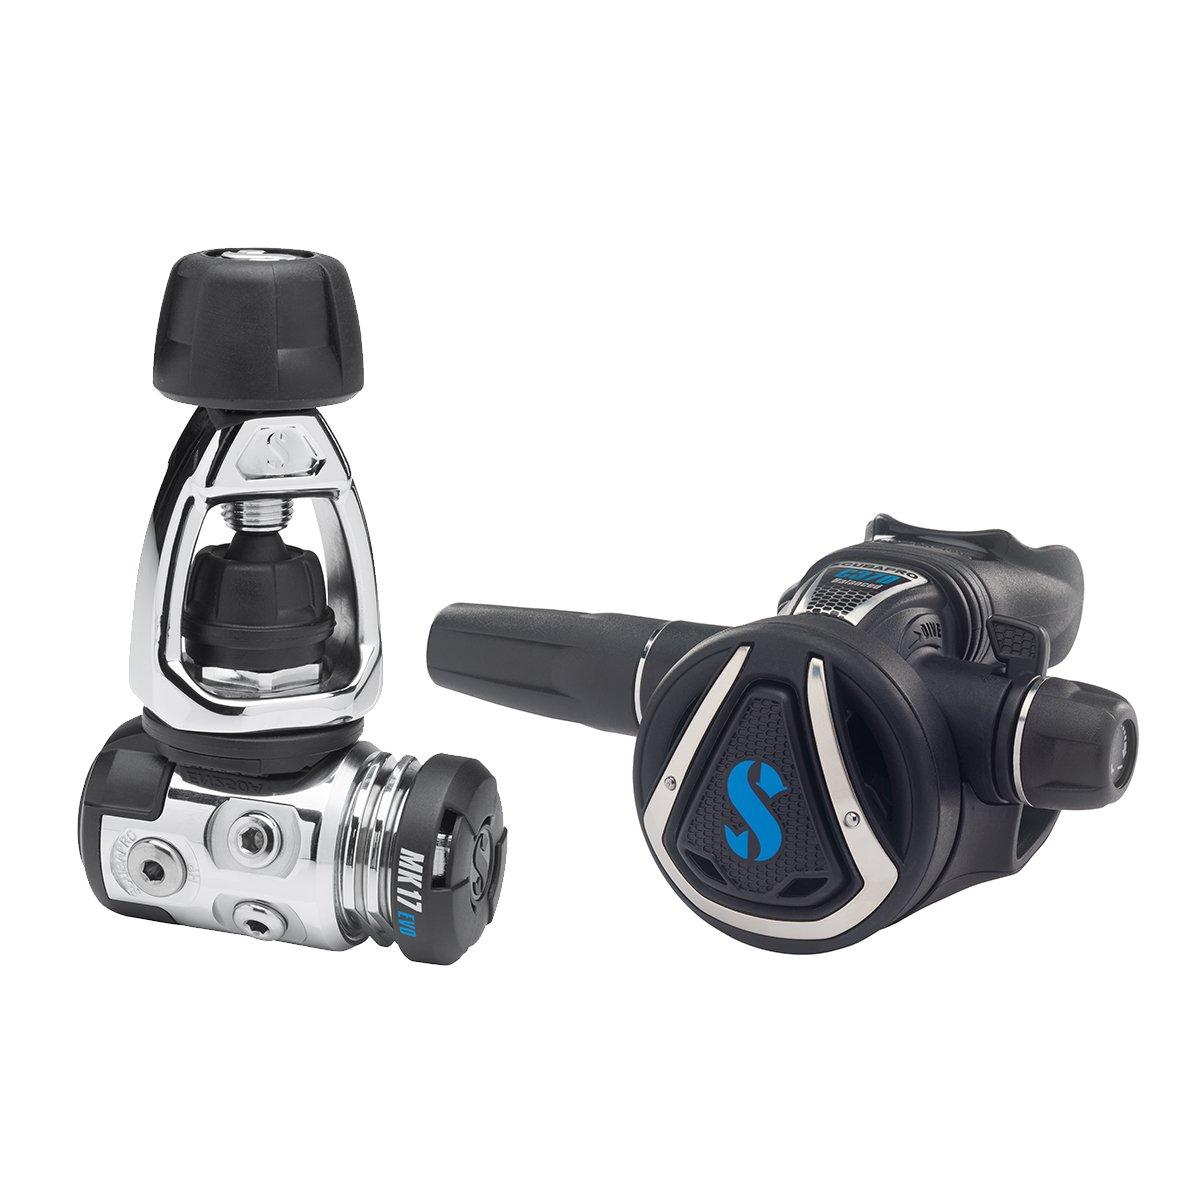 MK17 EVO/C370 Dive Regulator